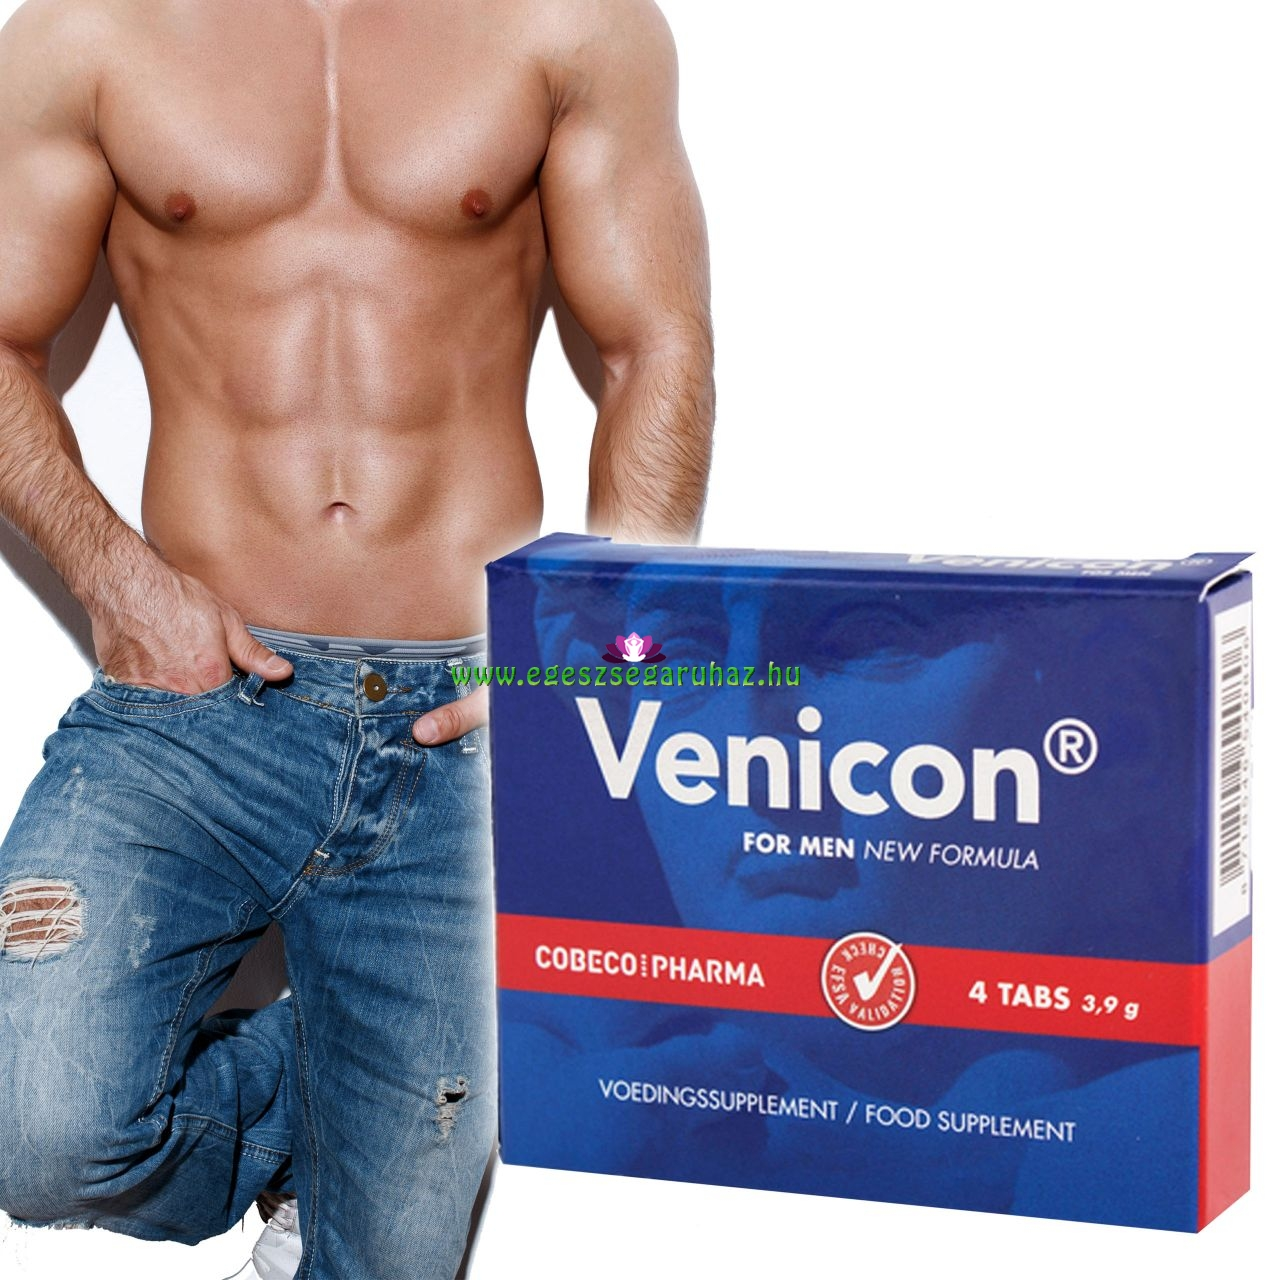 férfi pénisz áll legkisebb pénisz pénisz